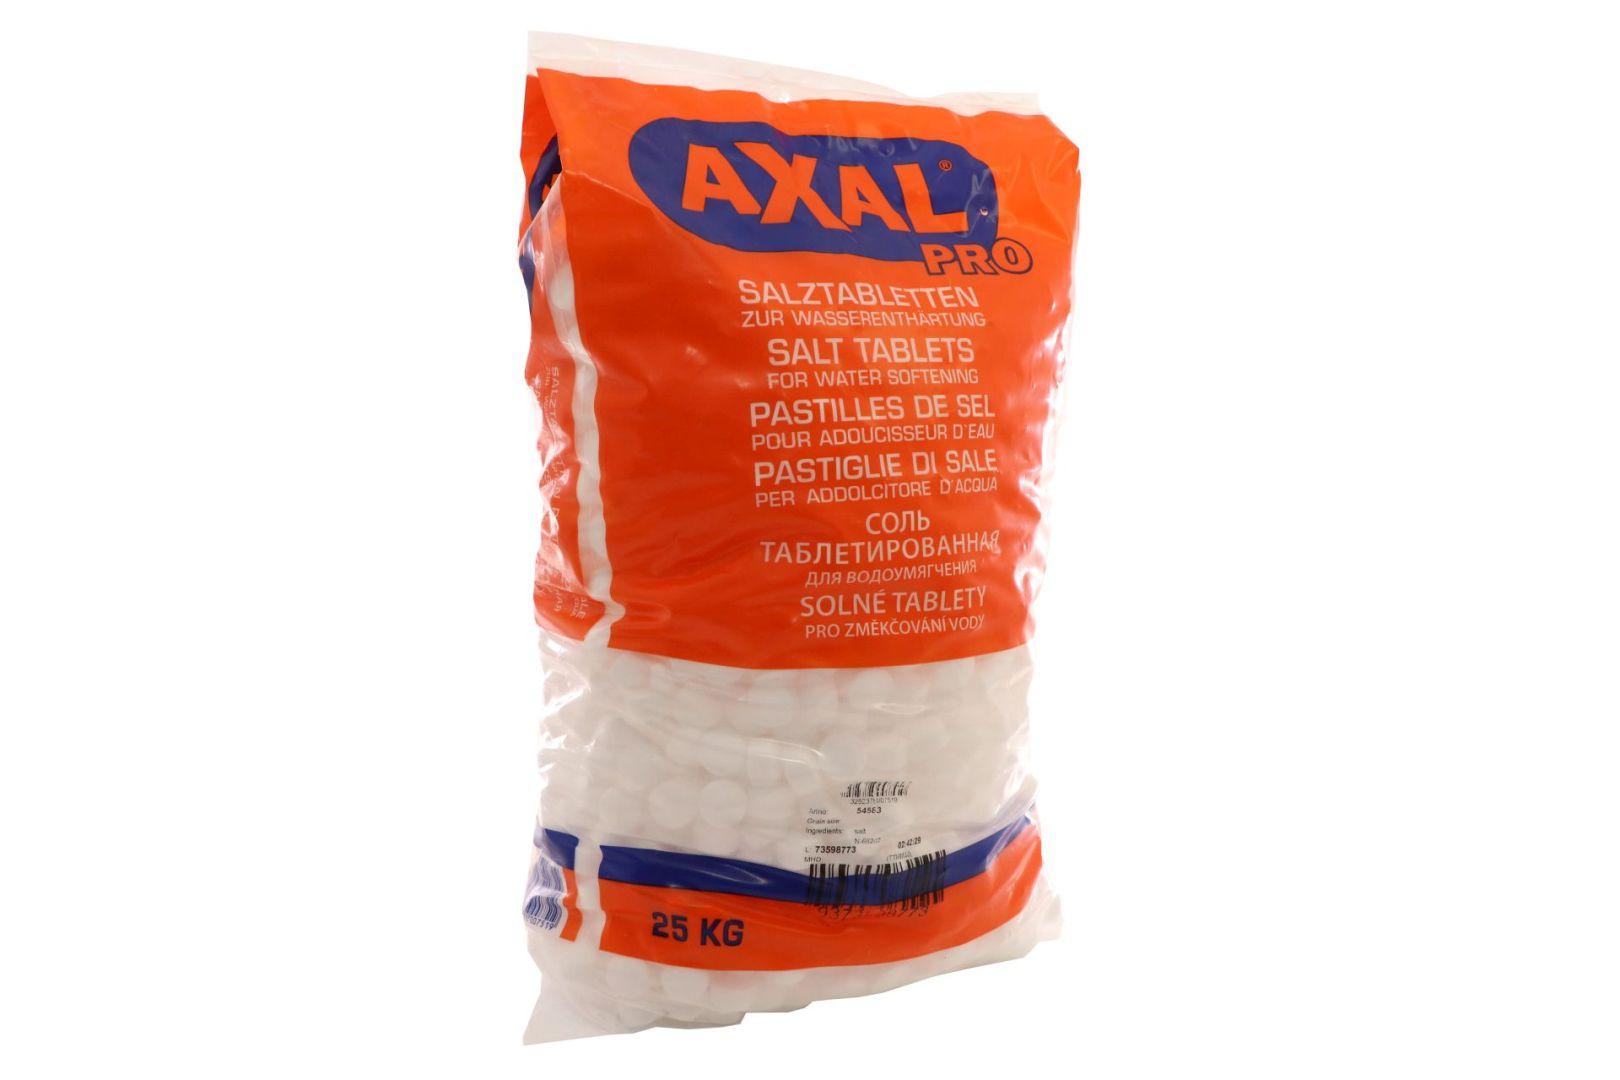 AXAL PRO Regeneriersalz, Salztabletten zur Wasseraufbereitung, 10 x 25 kg auf Palette **Versandkosten PLZ-abhängig**